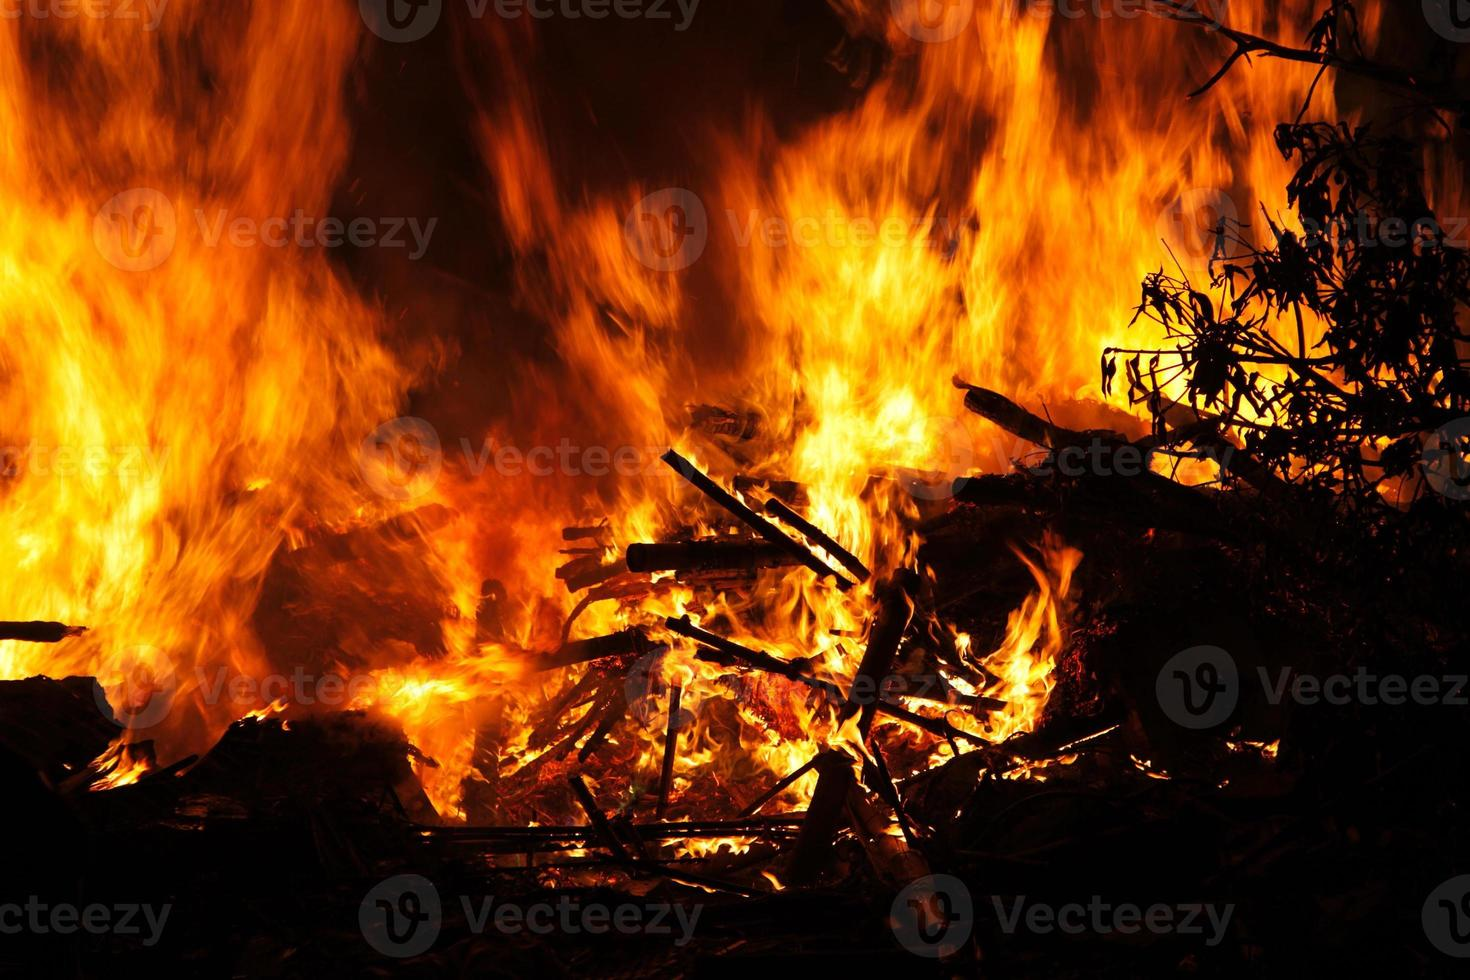 fuoco che brucia foto